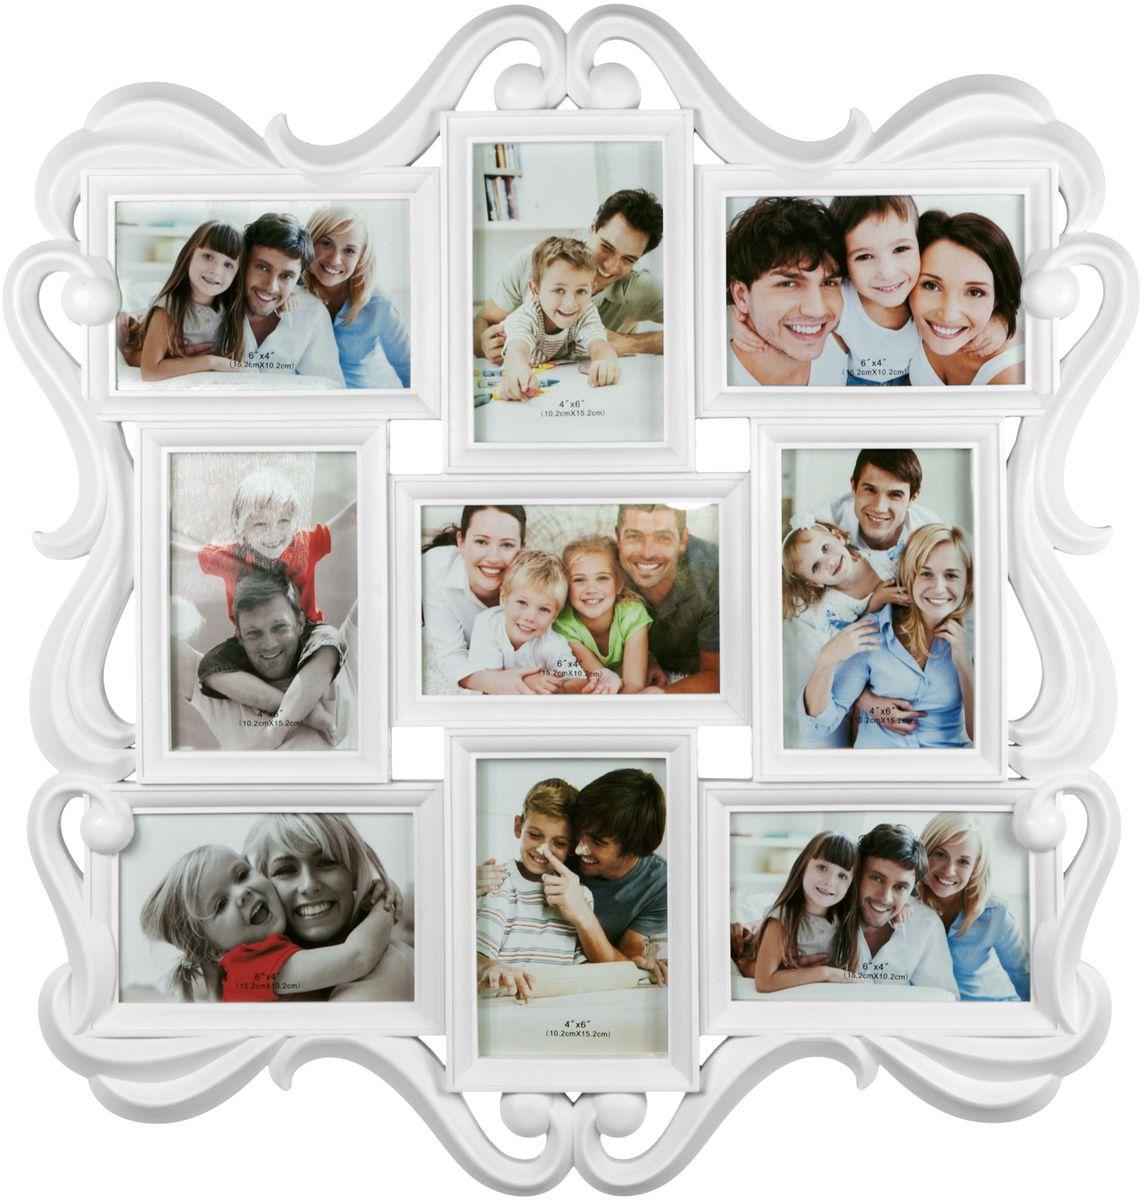 Фоторамка Platinum, цвет: белый, на 9 фото, 10 х 15 см. BIN-1122982-WBIN-1122982-WФоторамка-коллаж Platinum - прекрасный способ красиво оформить ваши фотографии. Фоторамка выполнена из пластика и защищенастеклом.Фоторамка-коллаж представляет собой 9 фоторамок для фото одинакового размера оригинально соединенных между собой. Такая фоторамкапоможет сохранить в памяти самые яркие моменты вашей жизни, а стильный дизайн сделает ее прекрасным дополнением интерьера комнаты.Фоторамка подходит для 9 фотографий размером 10 х 15 см. Общий размер фоторамки: 56 х 54 см.